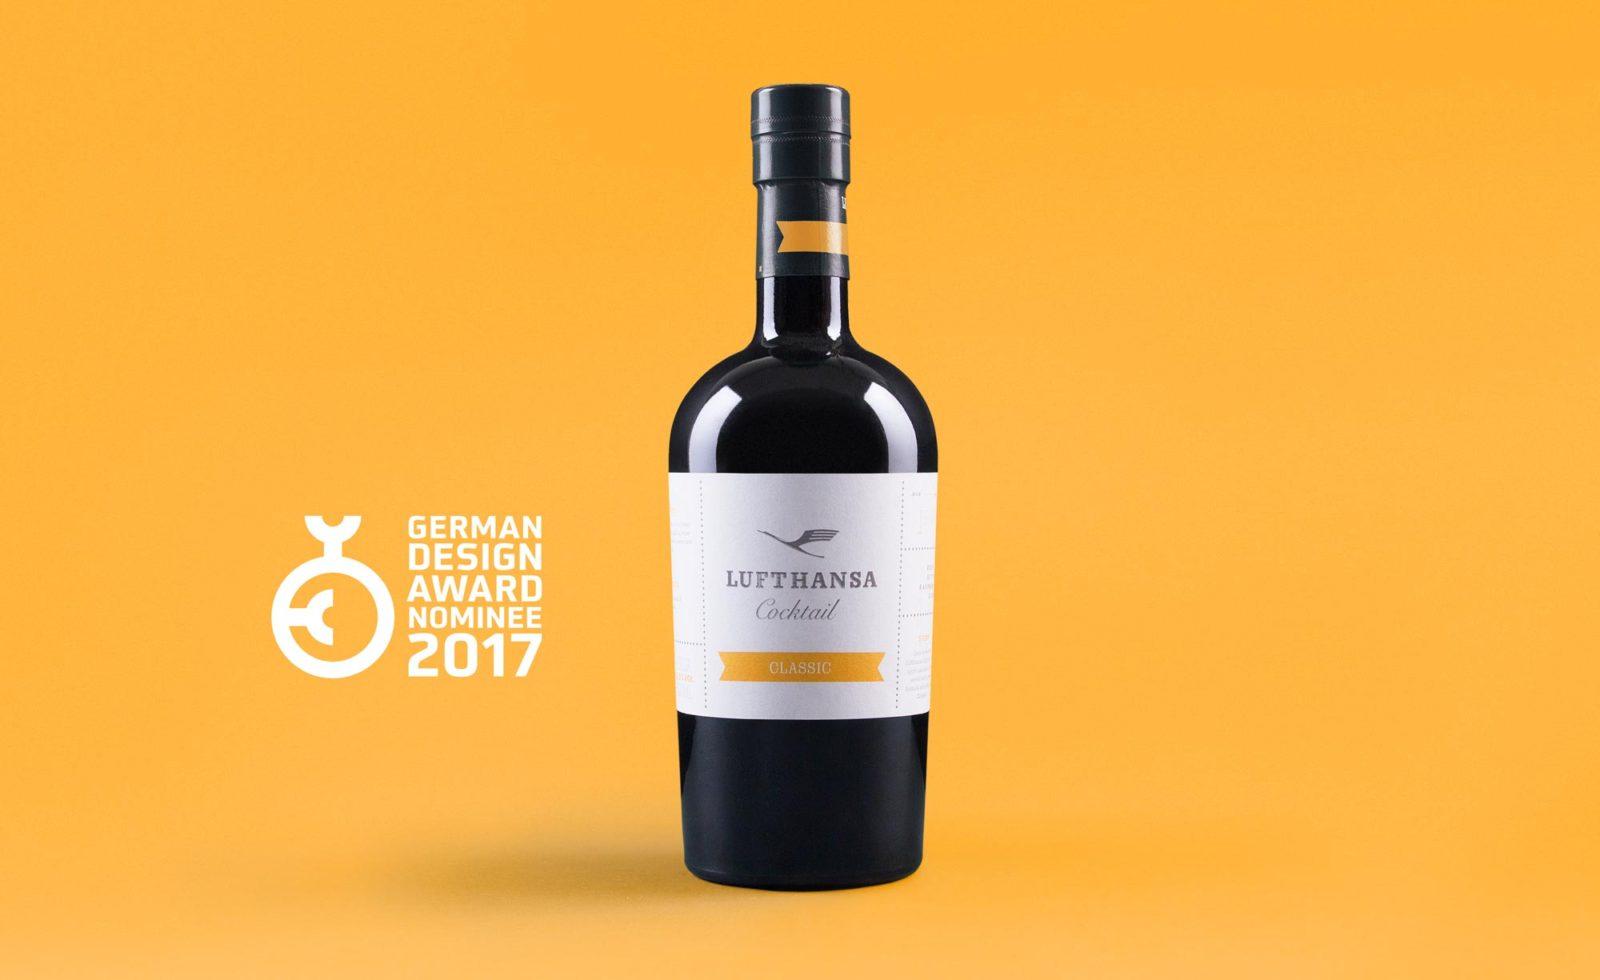 editienne Kommunkationsdesign - Brand Packaging Design für Lufthansa 1